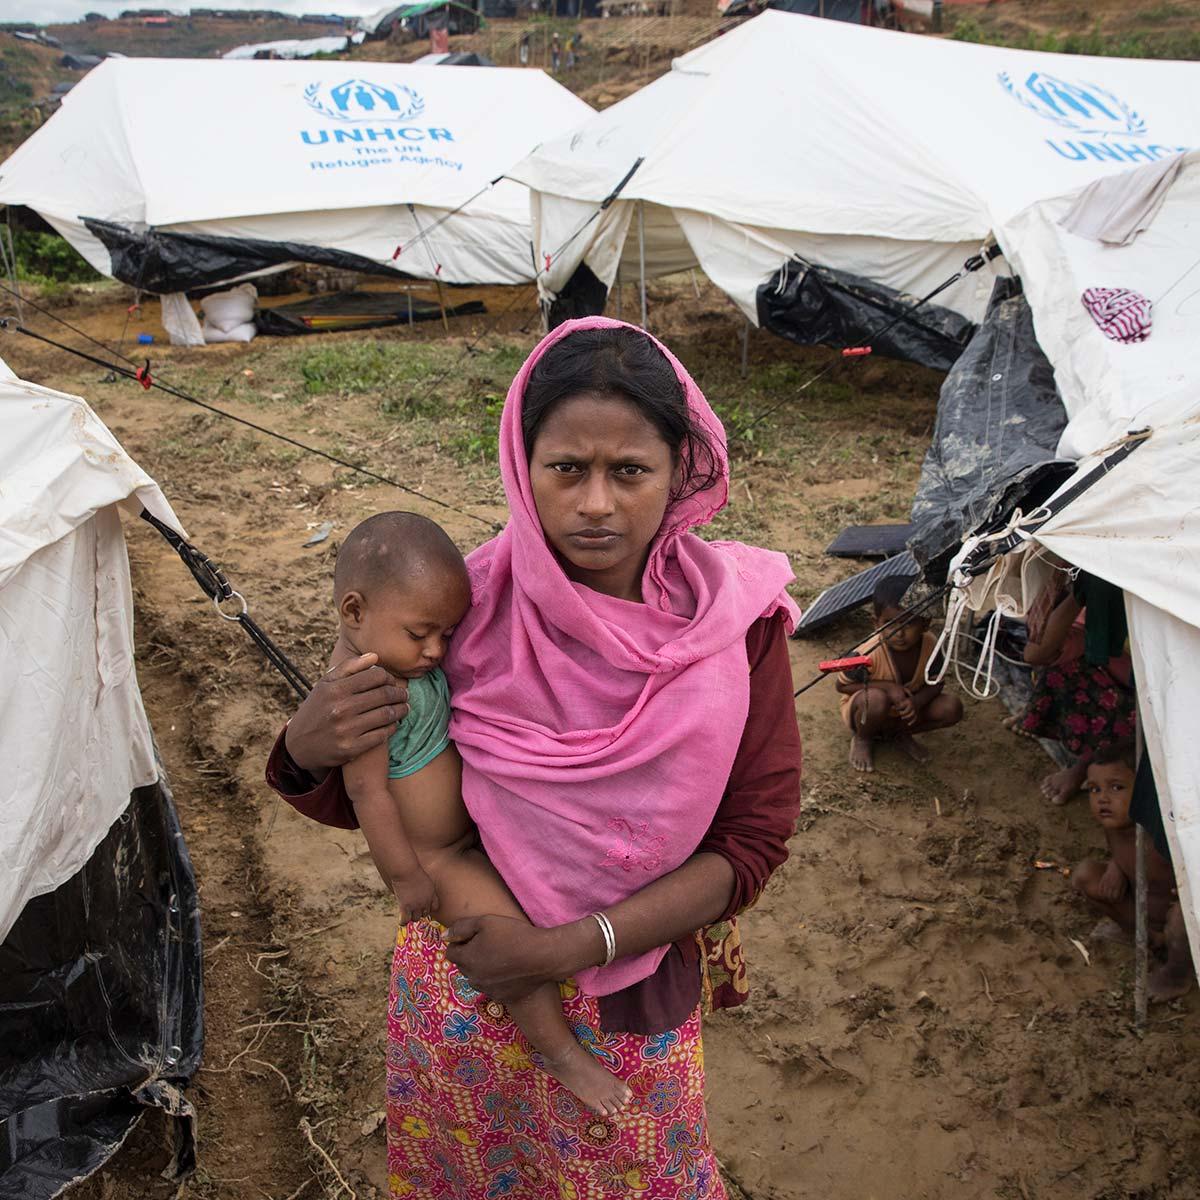 rohingya refugee crisis  supporting the stateless minority fleeing myanmar